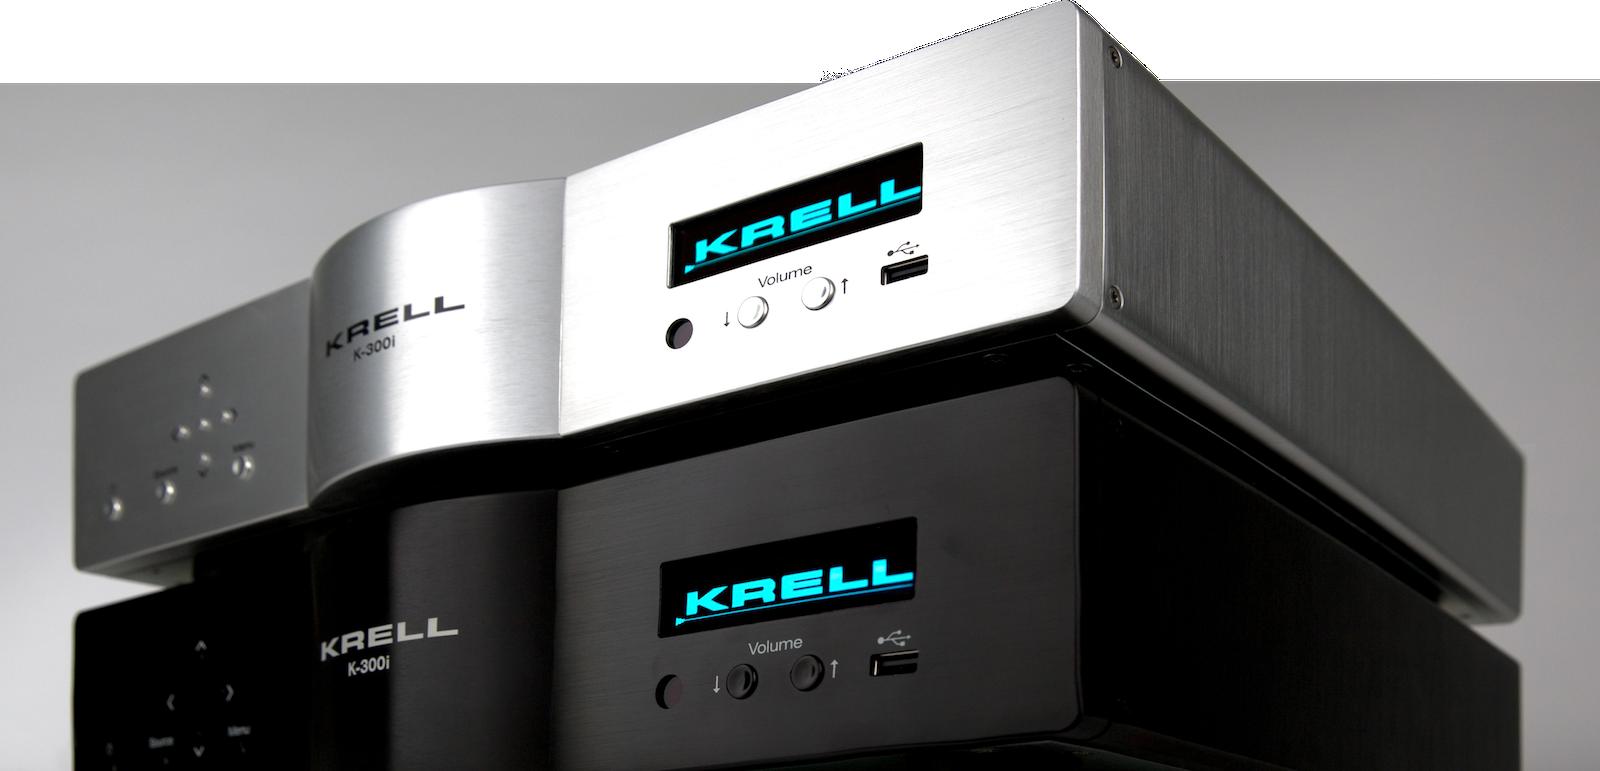 Krell unit